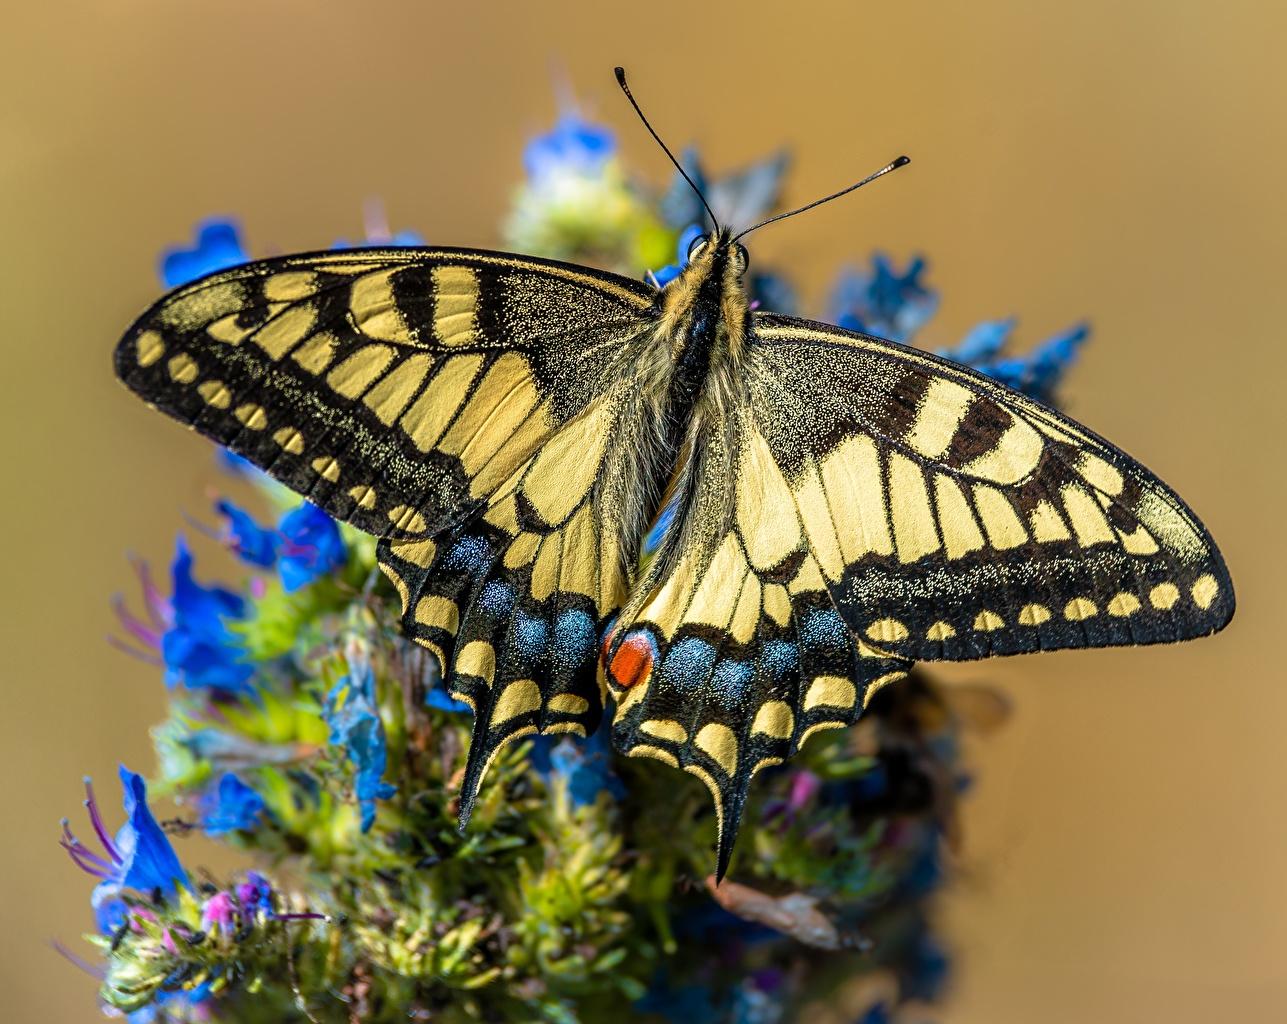 Desktop Hintergrundbilder Schmetterling Papilio machaon ein Tier Großansicht Schmetterlinge Tiere hautnah Nahaufnahme